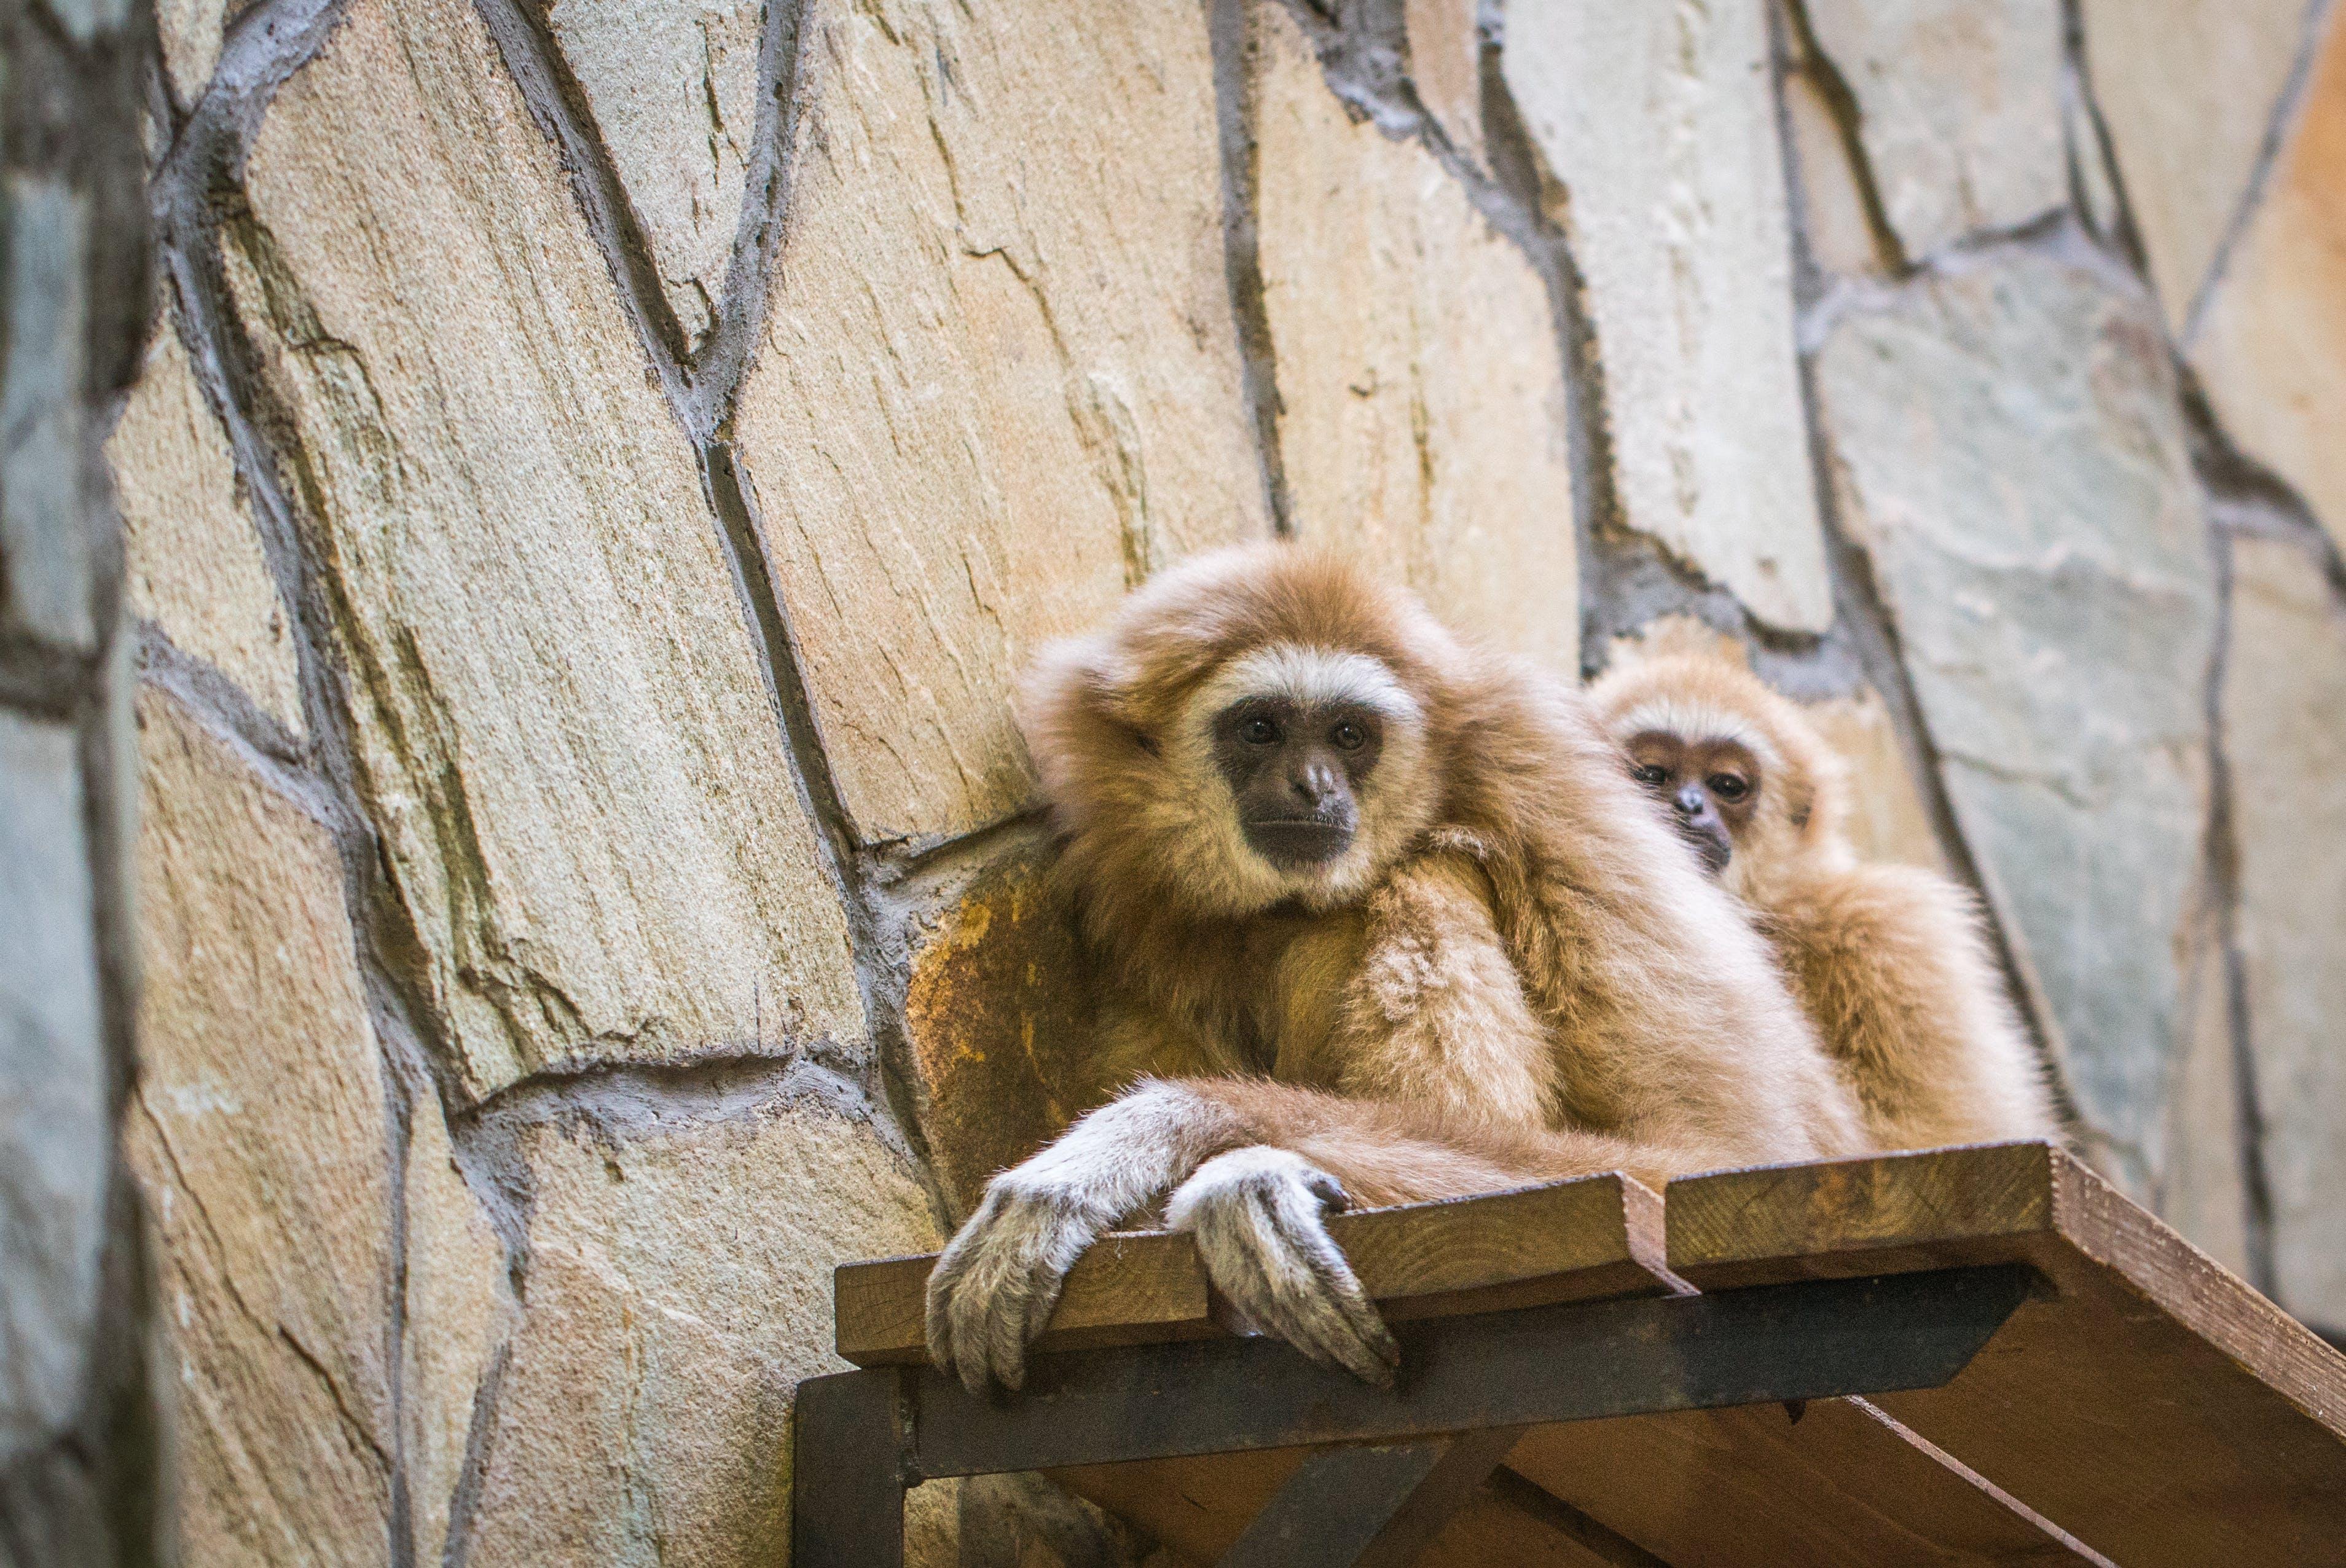 Gratis lagerfoto af aber, dyrefotografering, dyreliv, nuttet